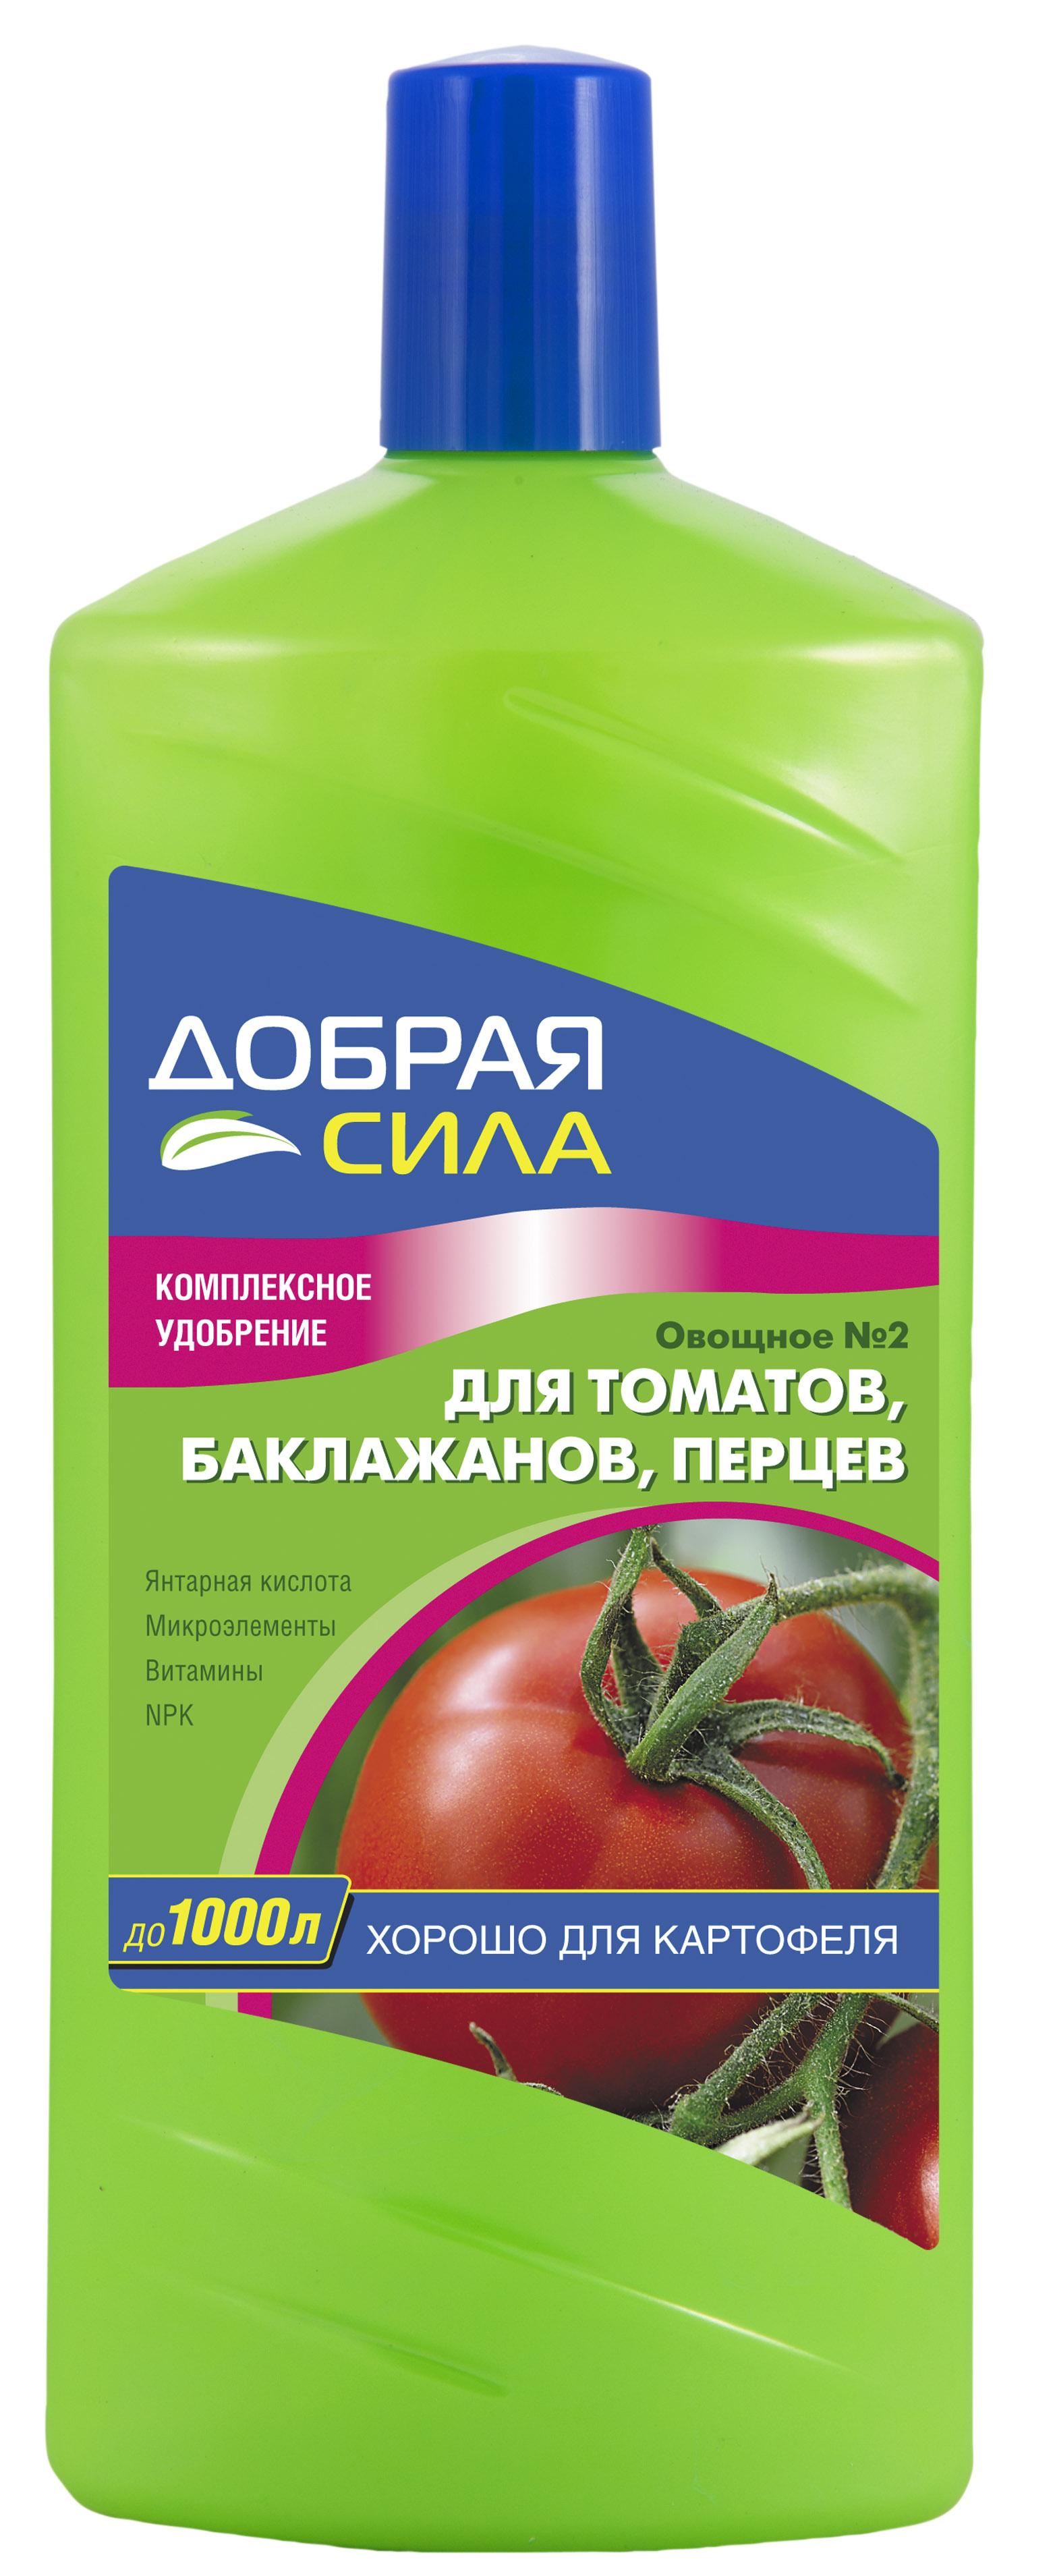 """Жидкое комплексное удобрение """"Добрая Сила"""", для томатов, баклажанов, перцев, 1 л"""